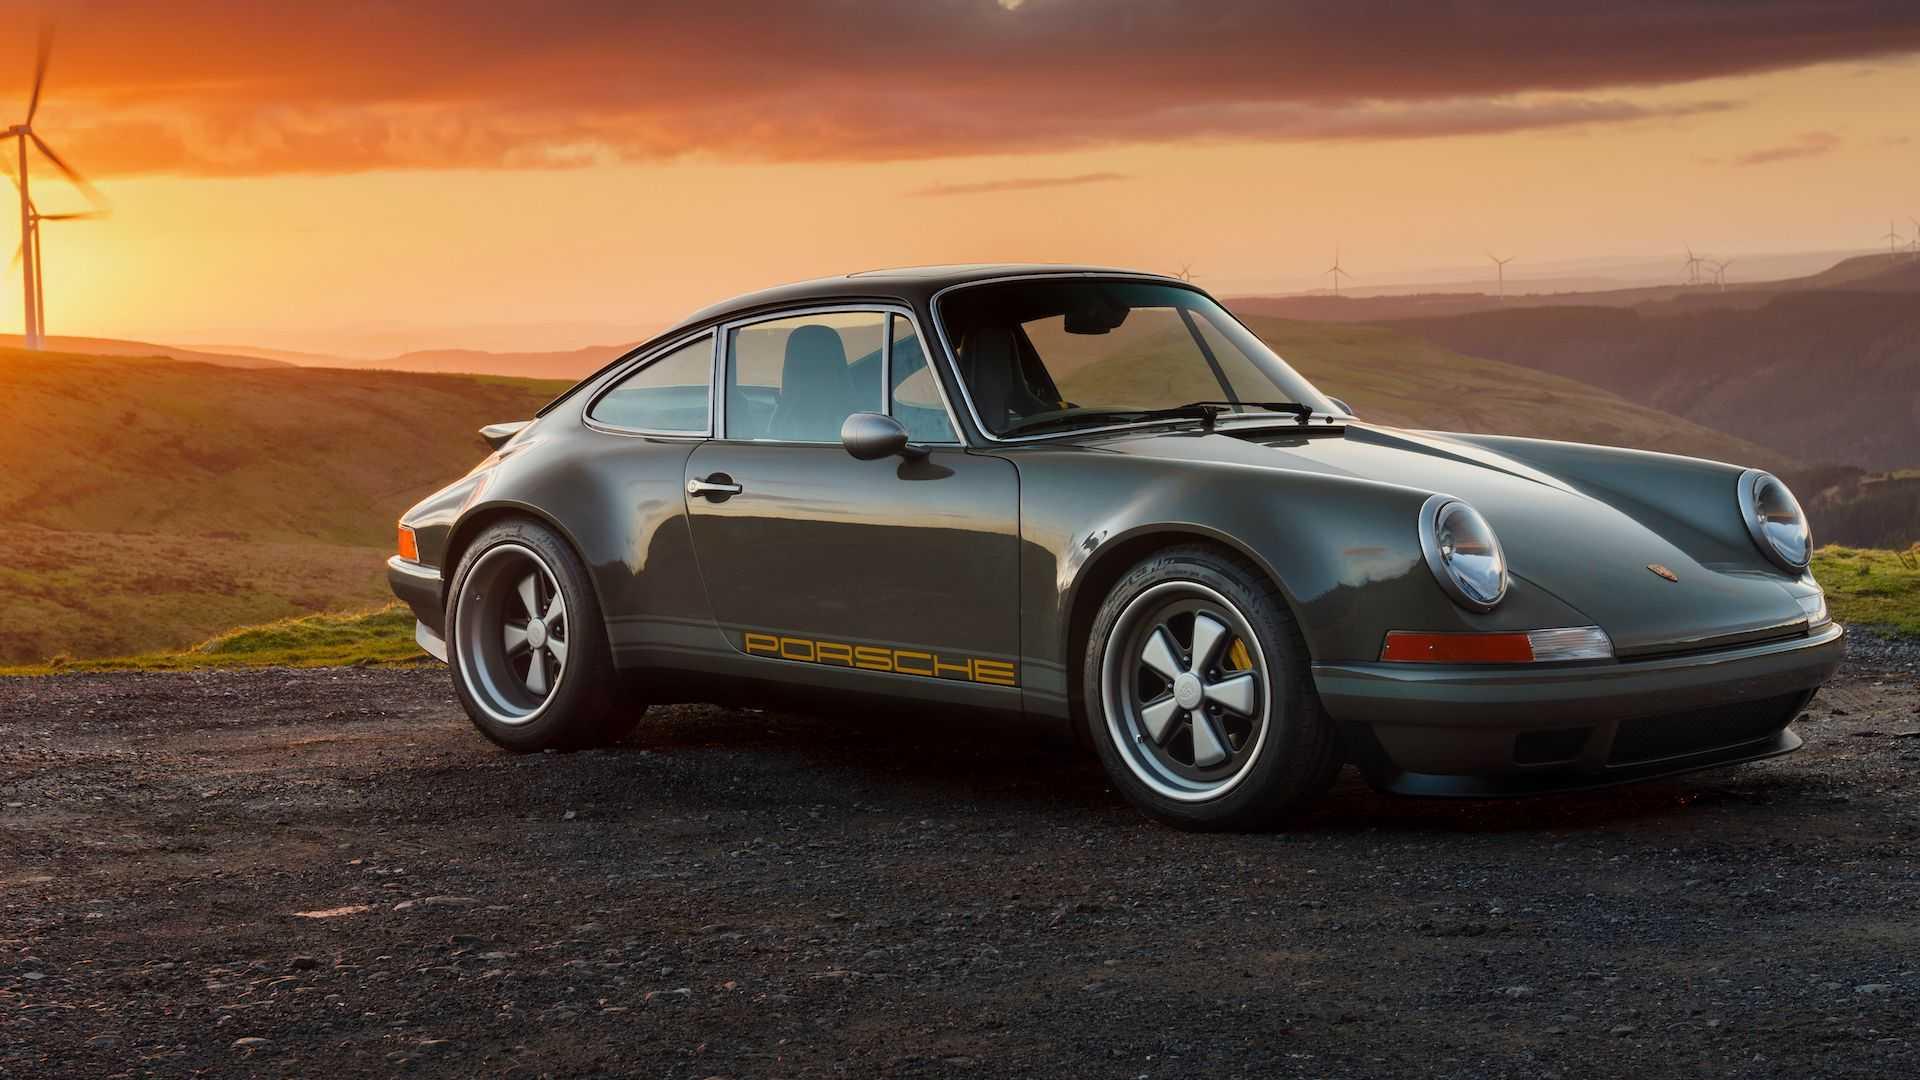 Theon-Design-HK002-Porsche-911-39